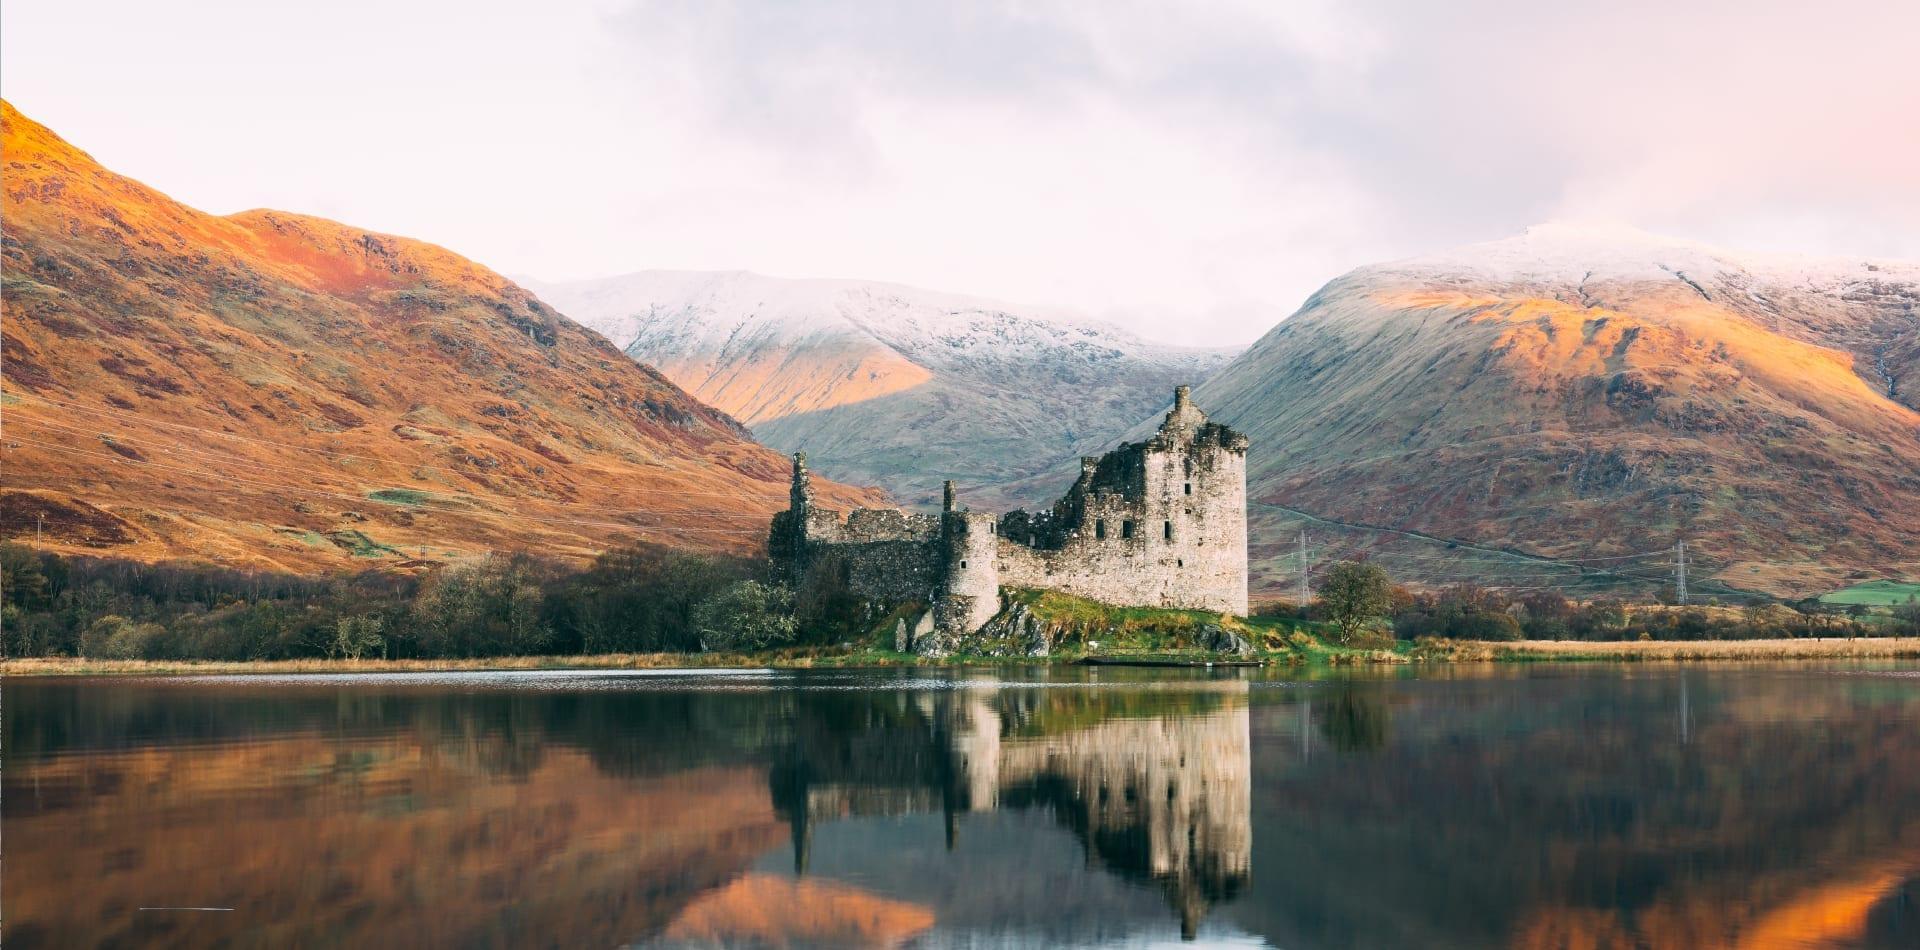 Castle in a loch in Scotland